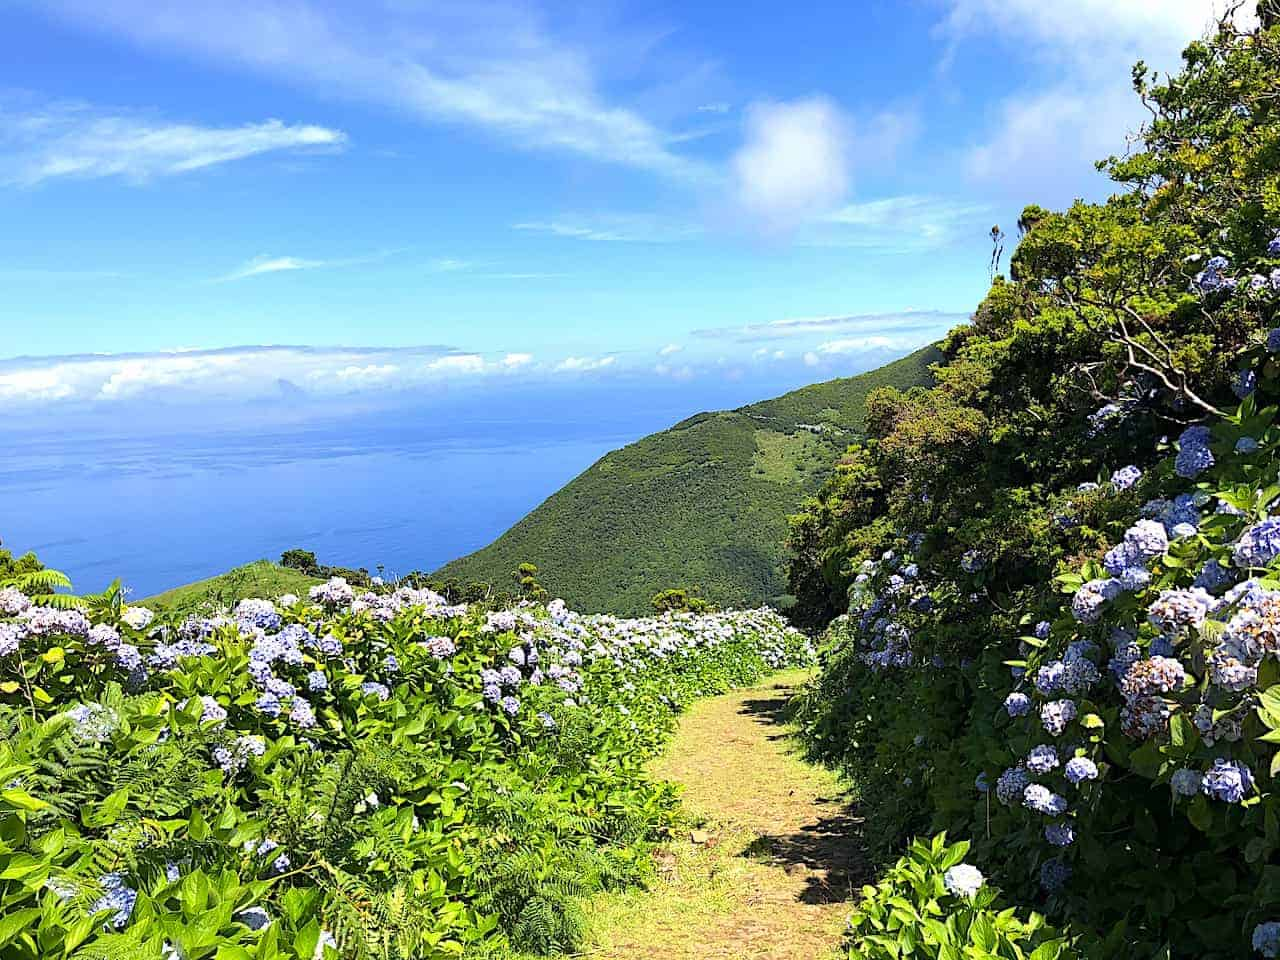 Serra do Topo - Caldeira do Santo Cristo – Fajã dos Cubres Trail